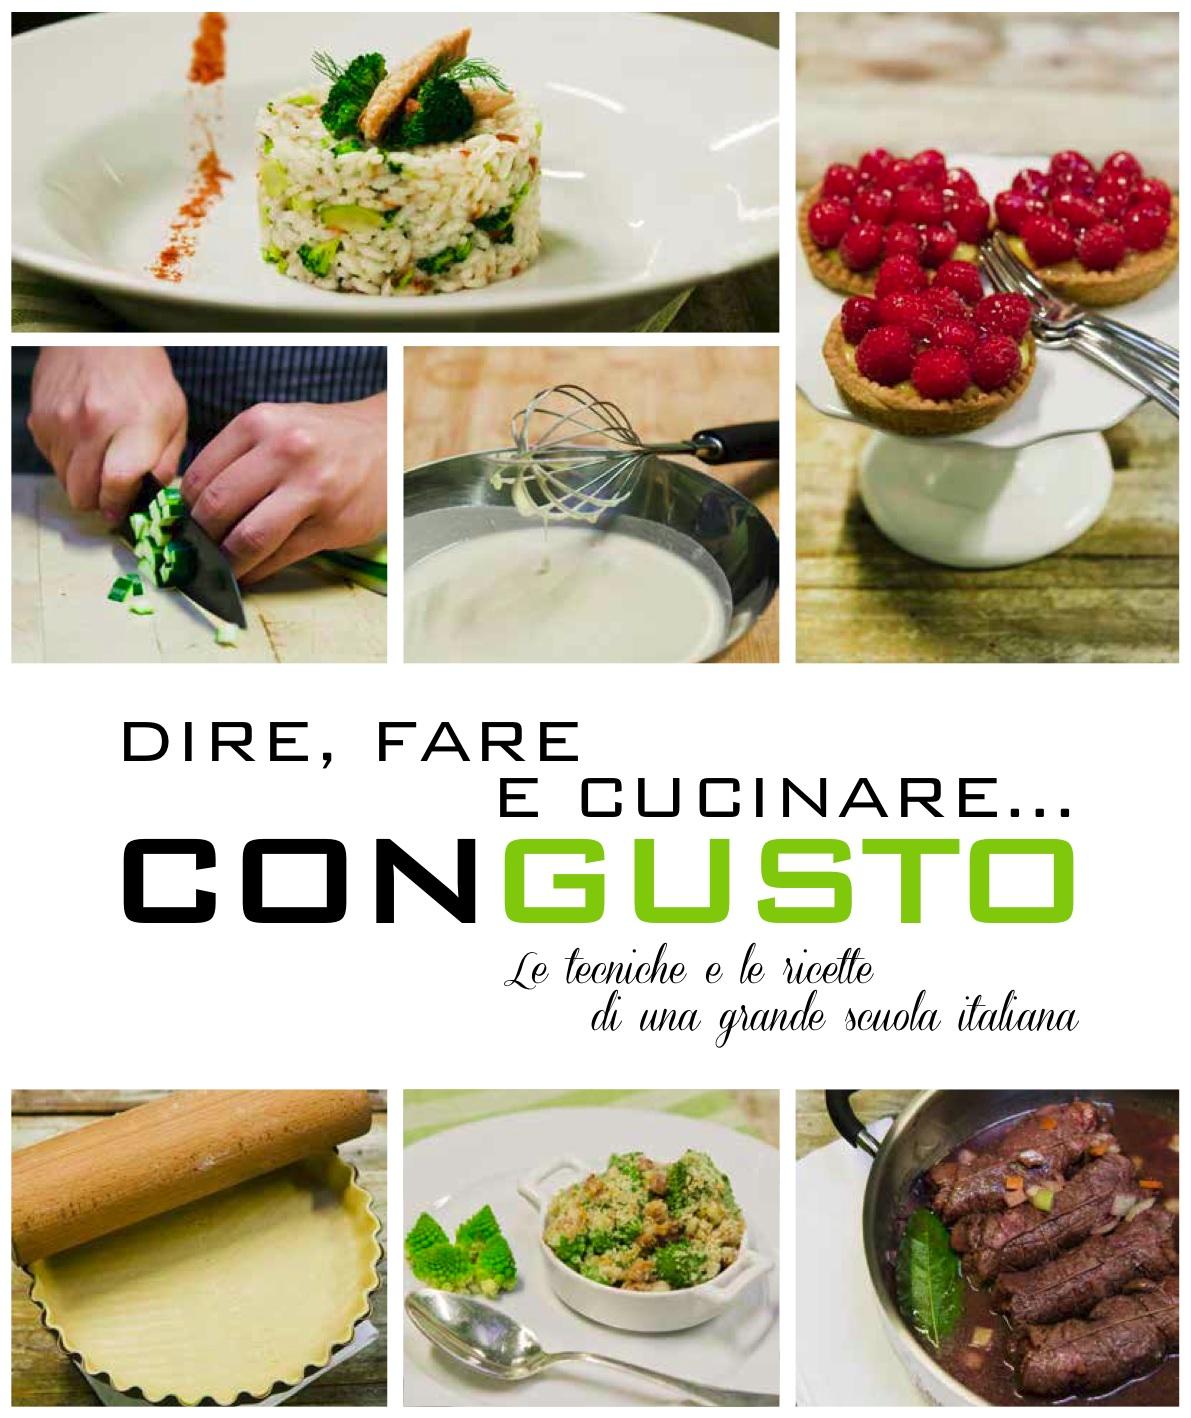 Da Congusto tante idee regalo per Natale: i corsi di cucina, i libri ...